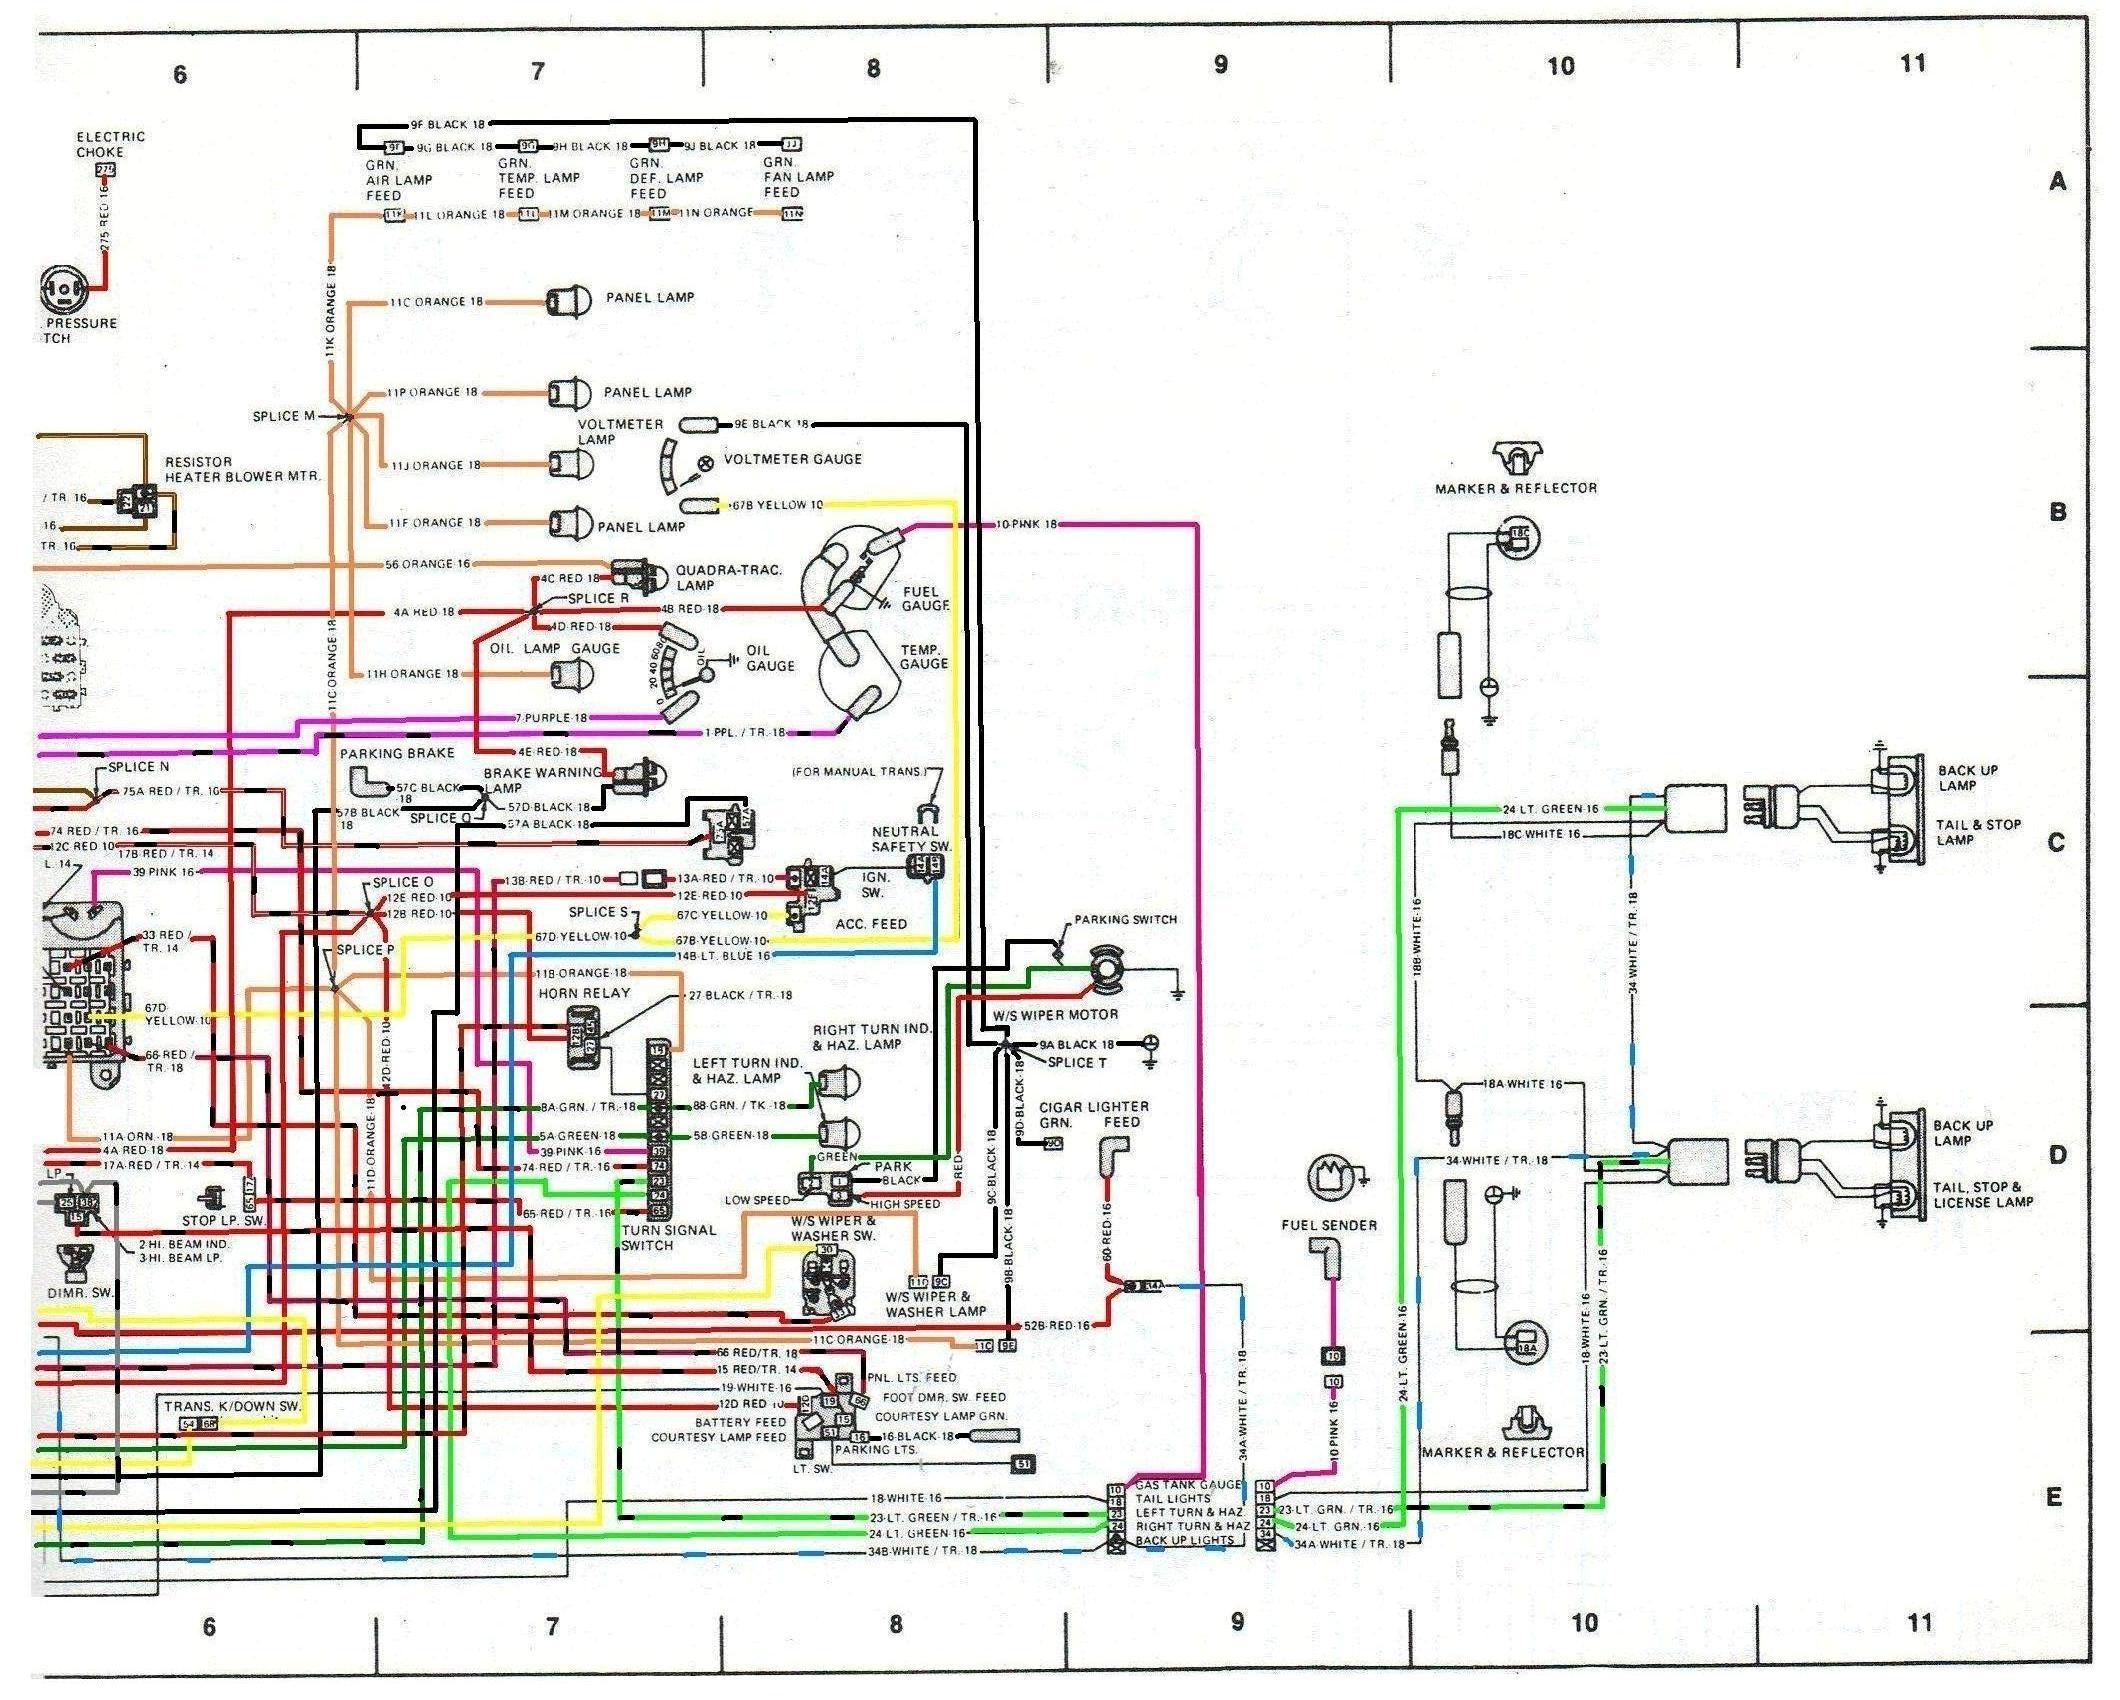 jeep cj7 turn signal wiring go wiring diagram toyota land cruiser turn signal wiring diagram 1983 jeep cj7 turn signal wiring schema wiring diagram you pt cruiser wiring jeep cj7 turn signal wiring